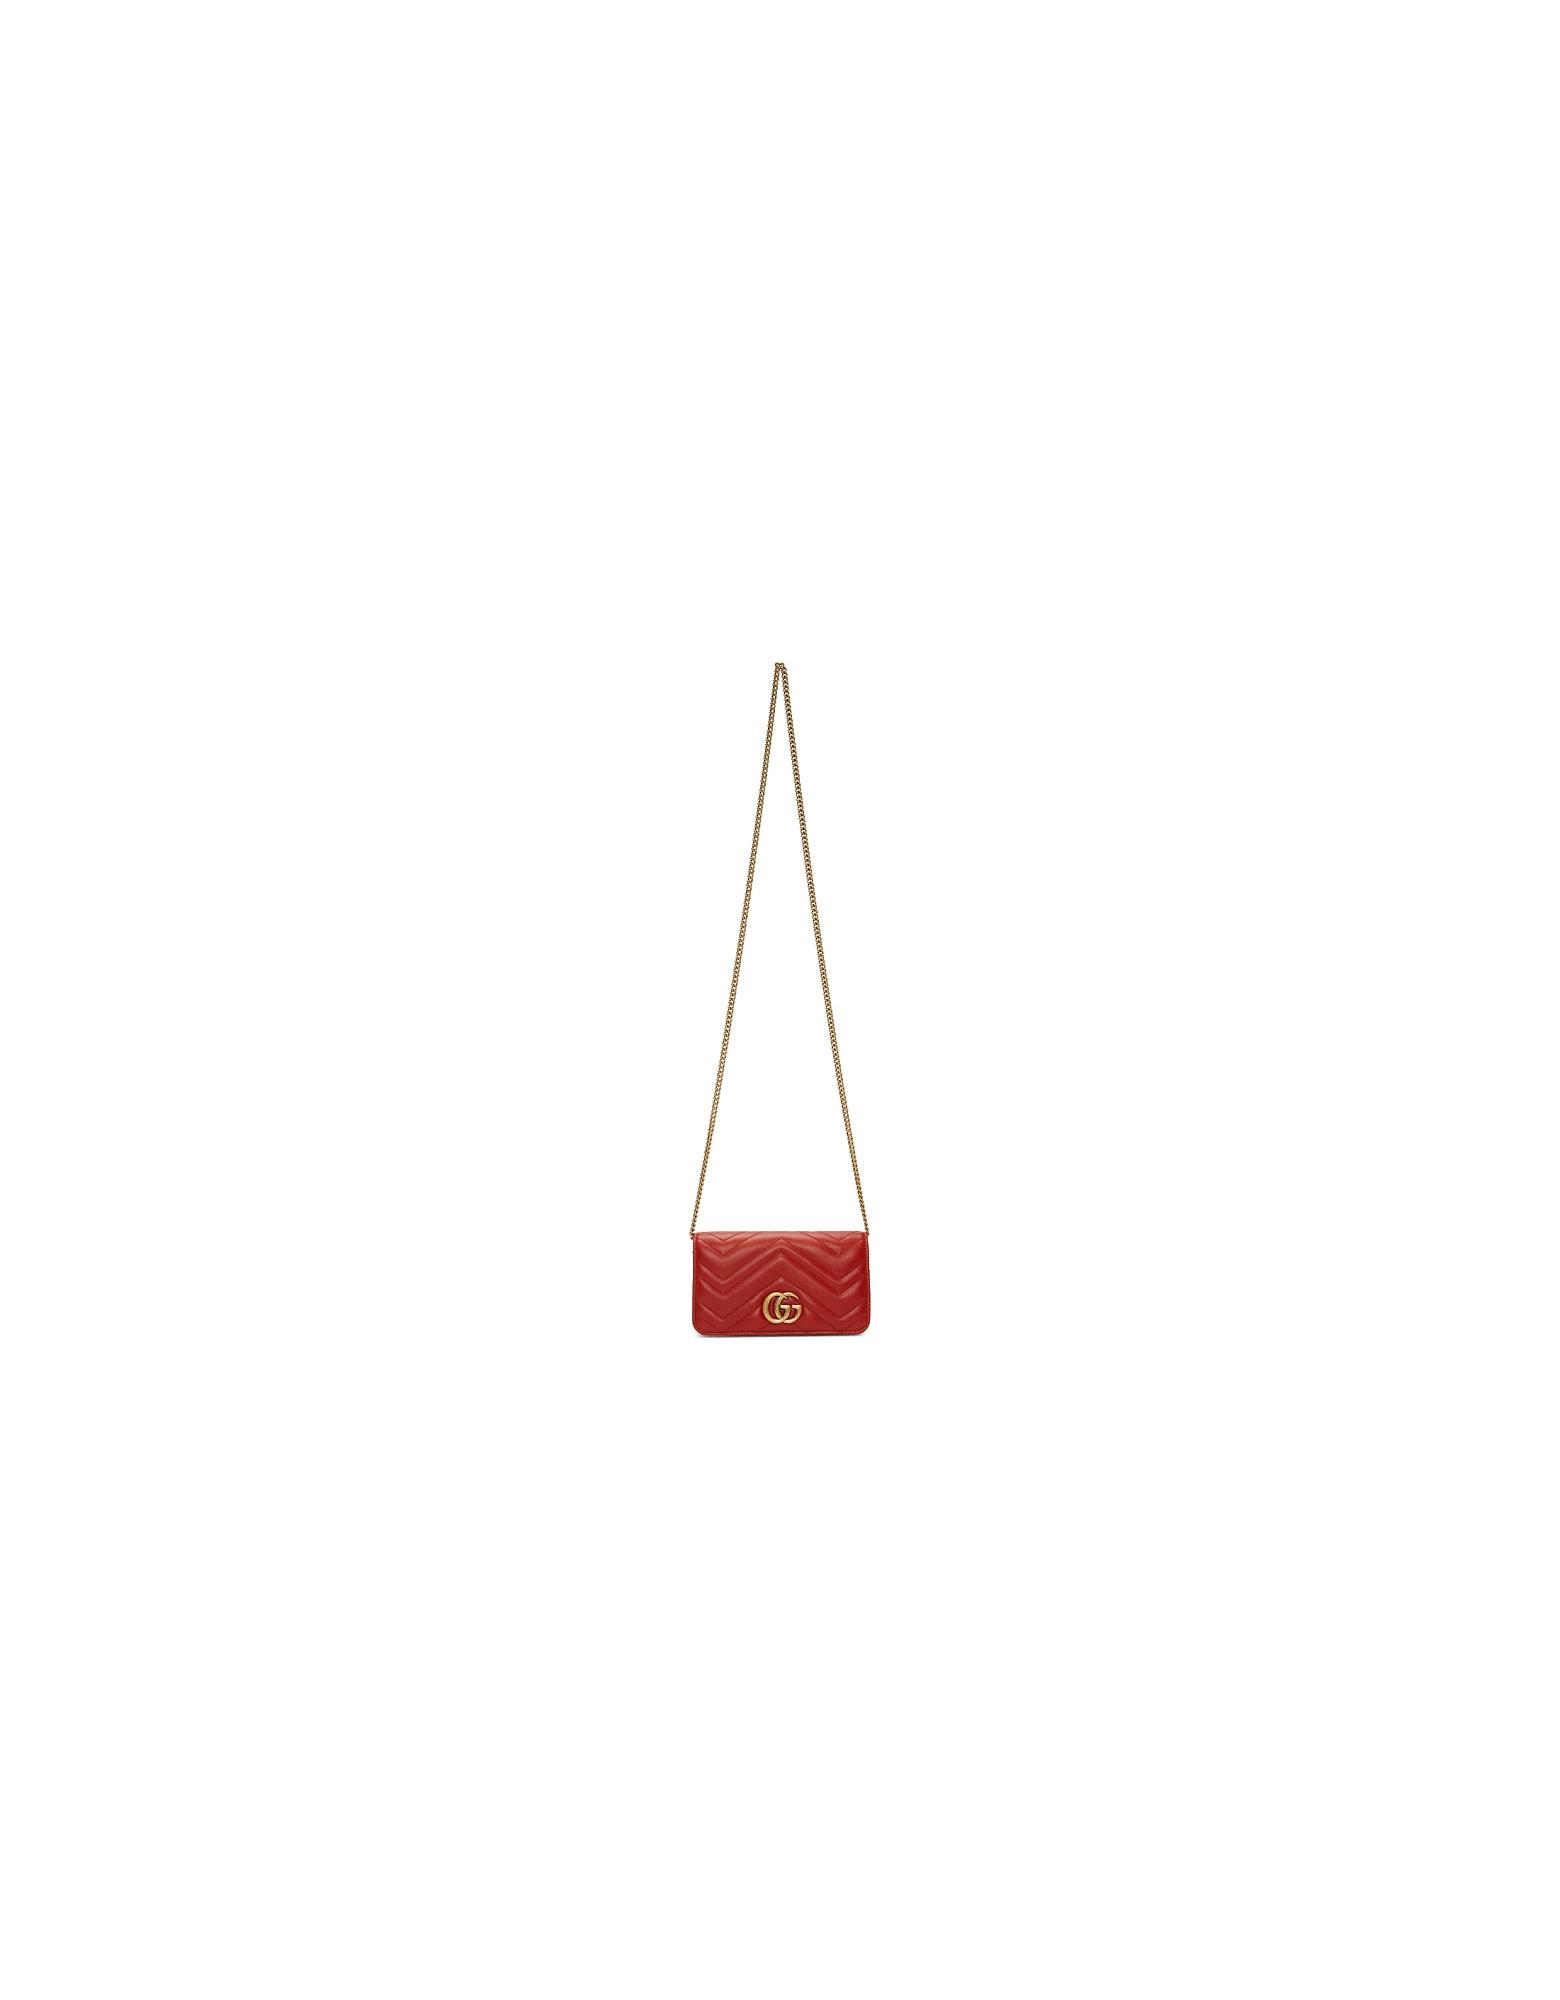 Gucci Designer Handbags, Red GG Marmont Shoulder Bag